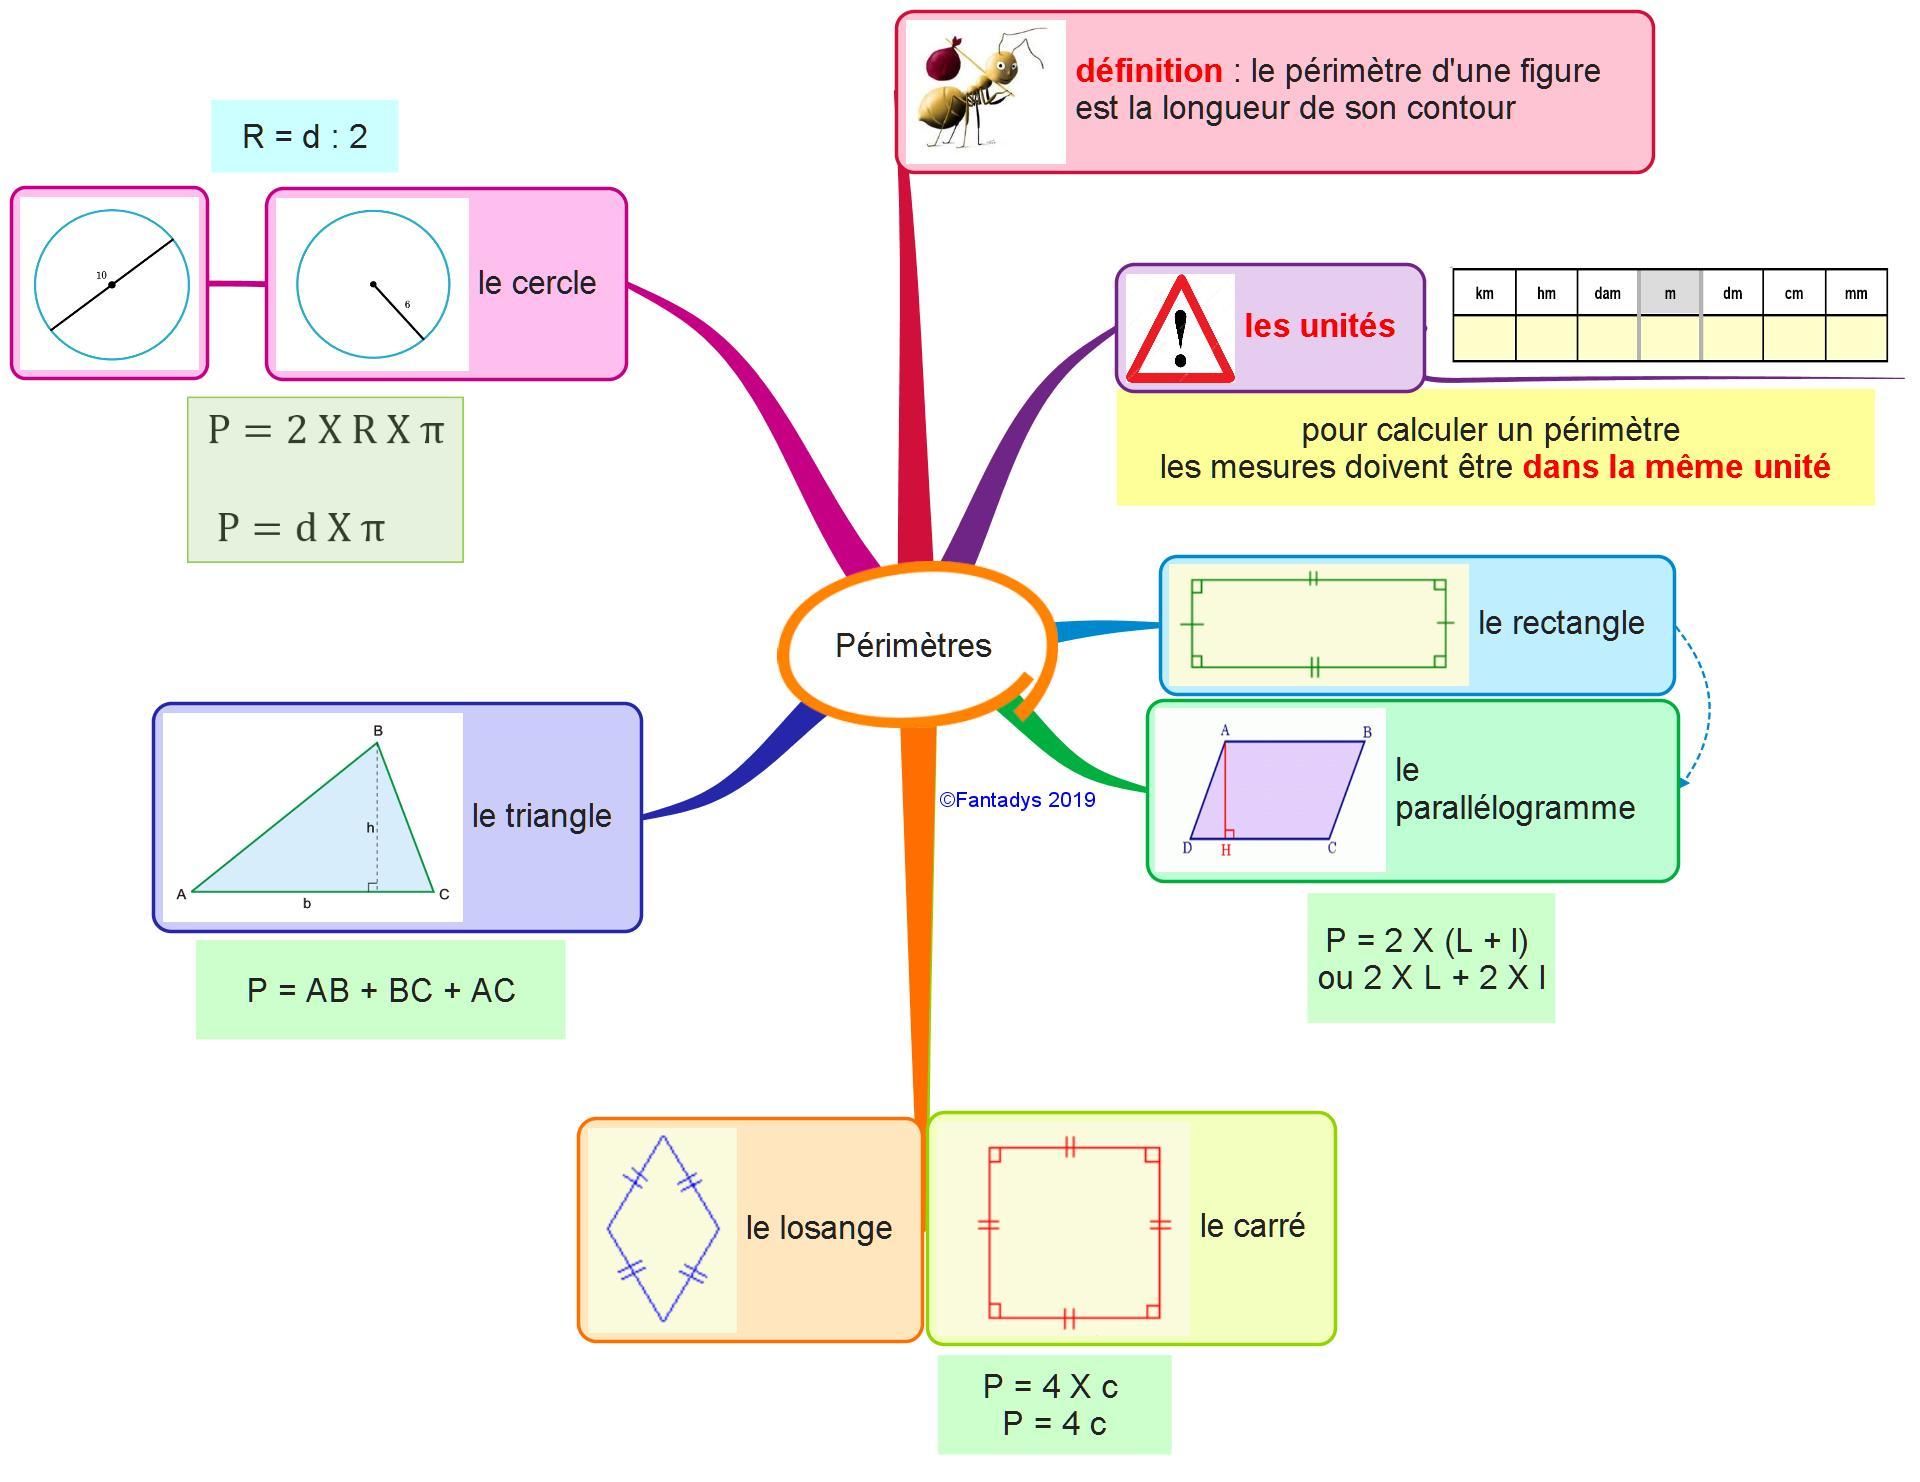 carte mentale périmètre